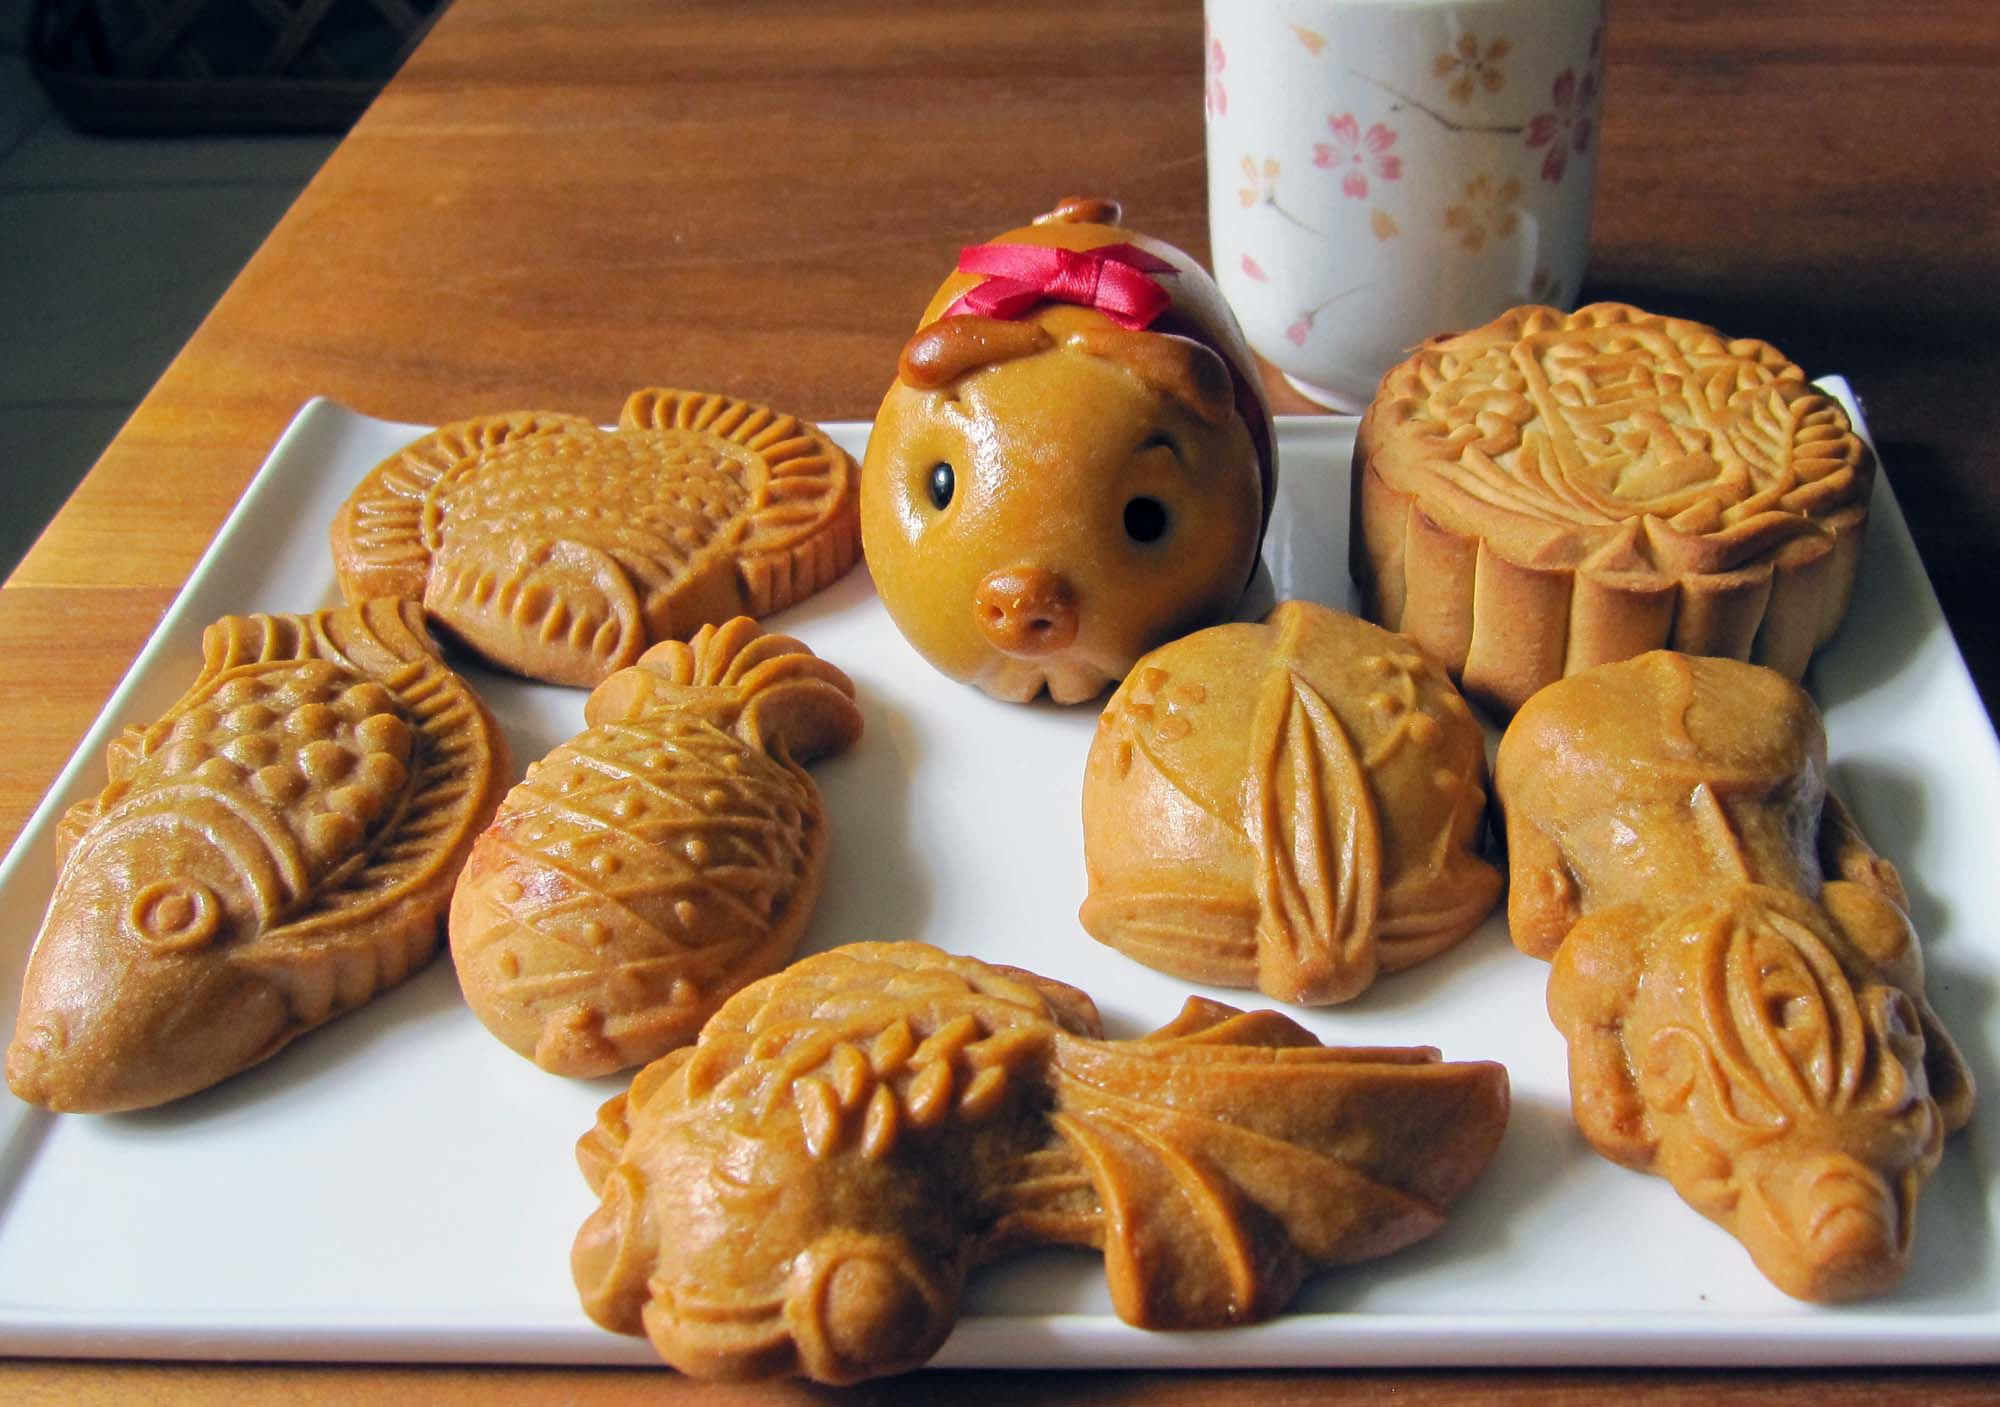 7.Hướng dẫn cách làm bánh trung thu hình con vật cho bé phá cỗ ngày rằm2